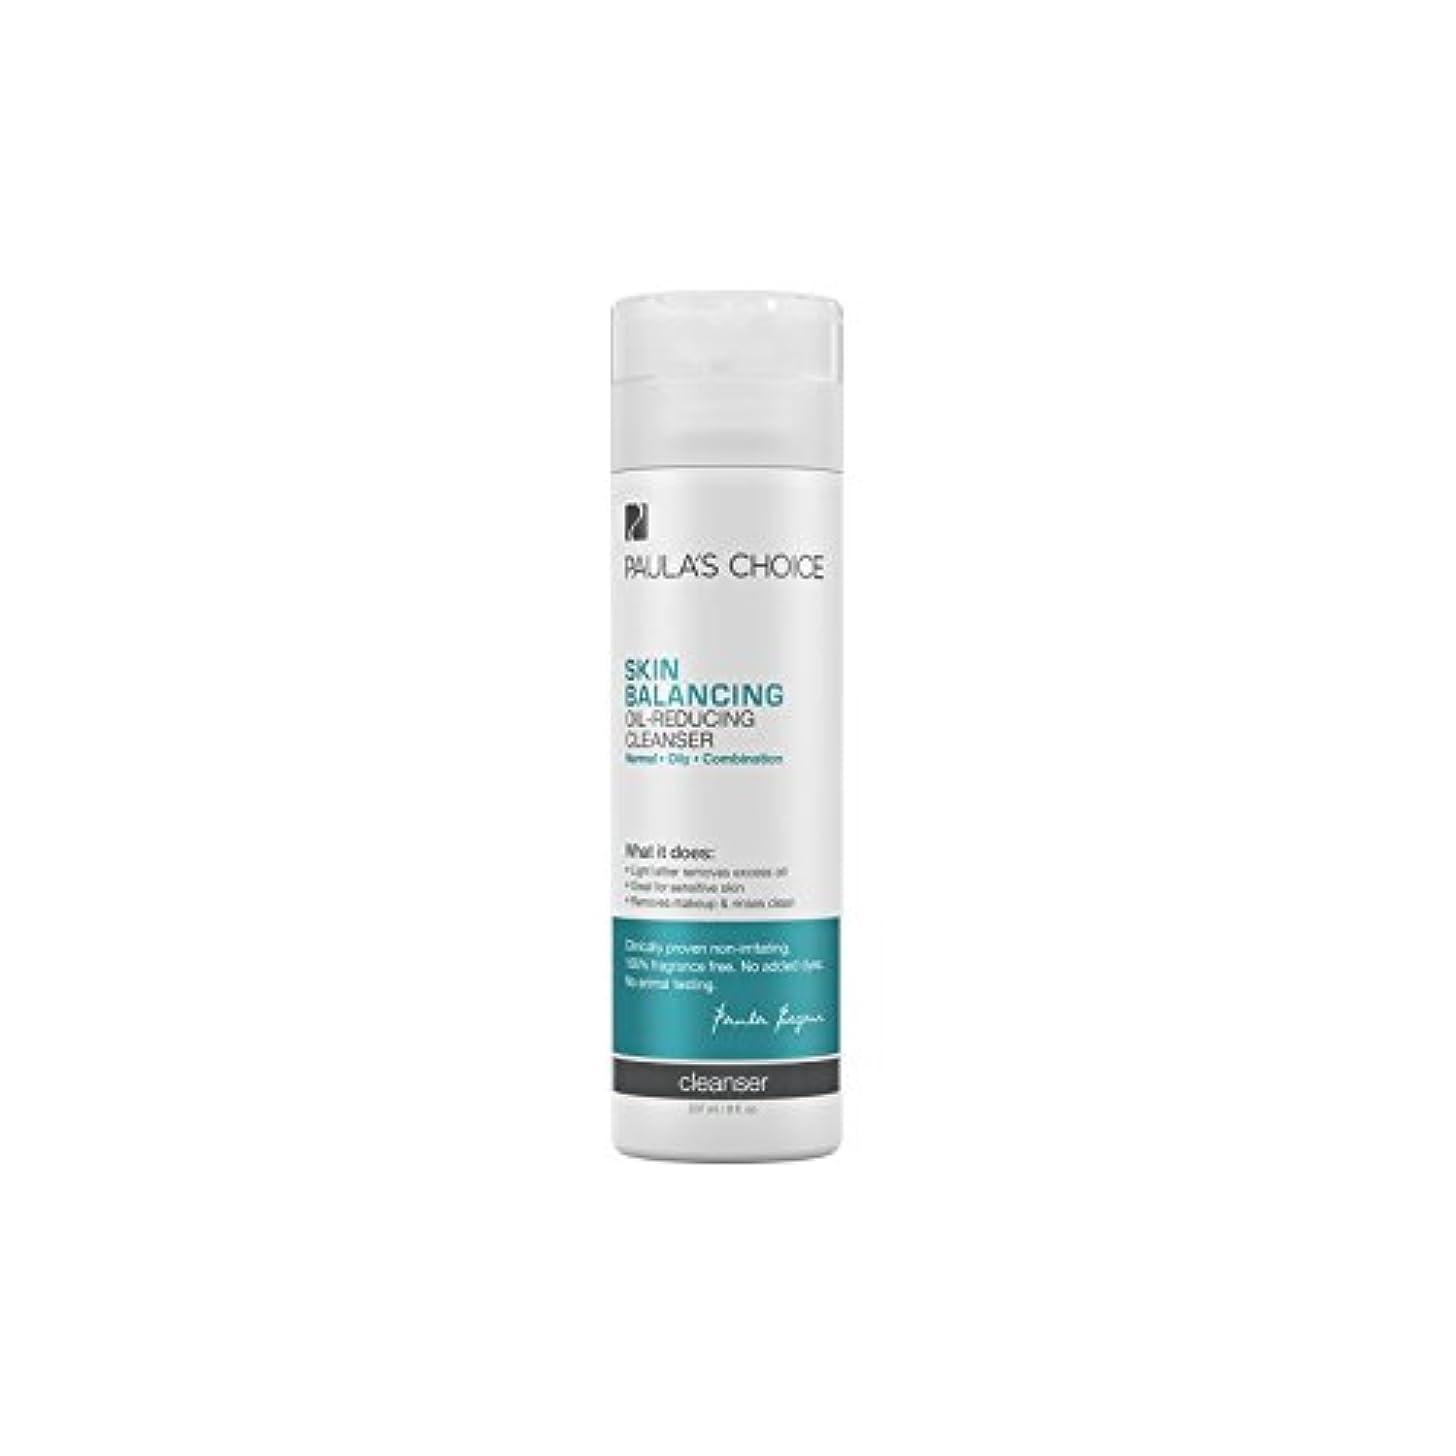 訴える襲撃革命的Paula's Choice Skin Balancing Oil-Reducing Cleanser (237ml) - ポーラチョイスの肌のバランスオイル低減クレンザー(237ミリリットル) [並行輸入品]